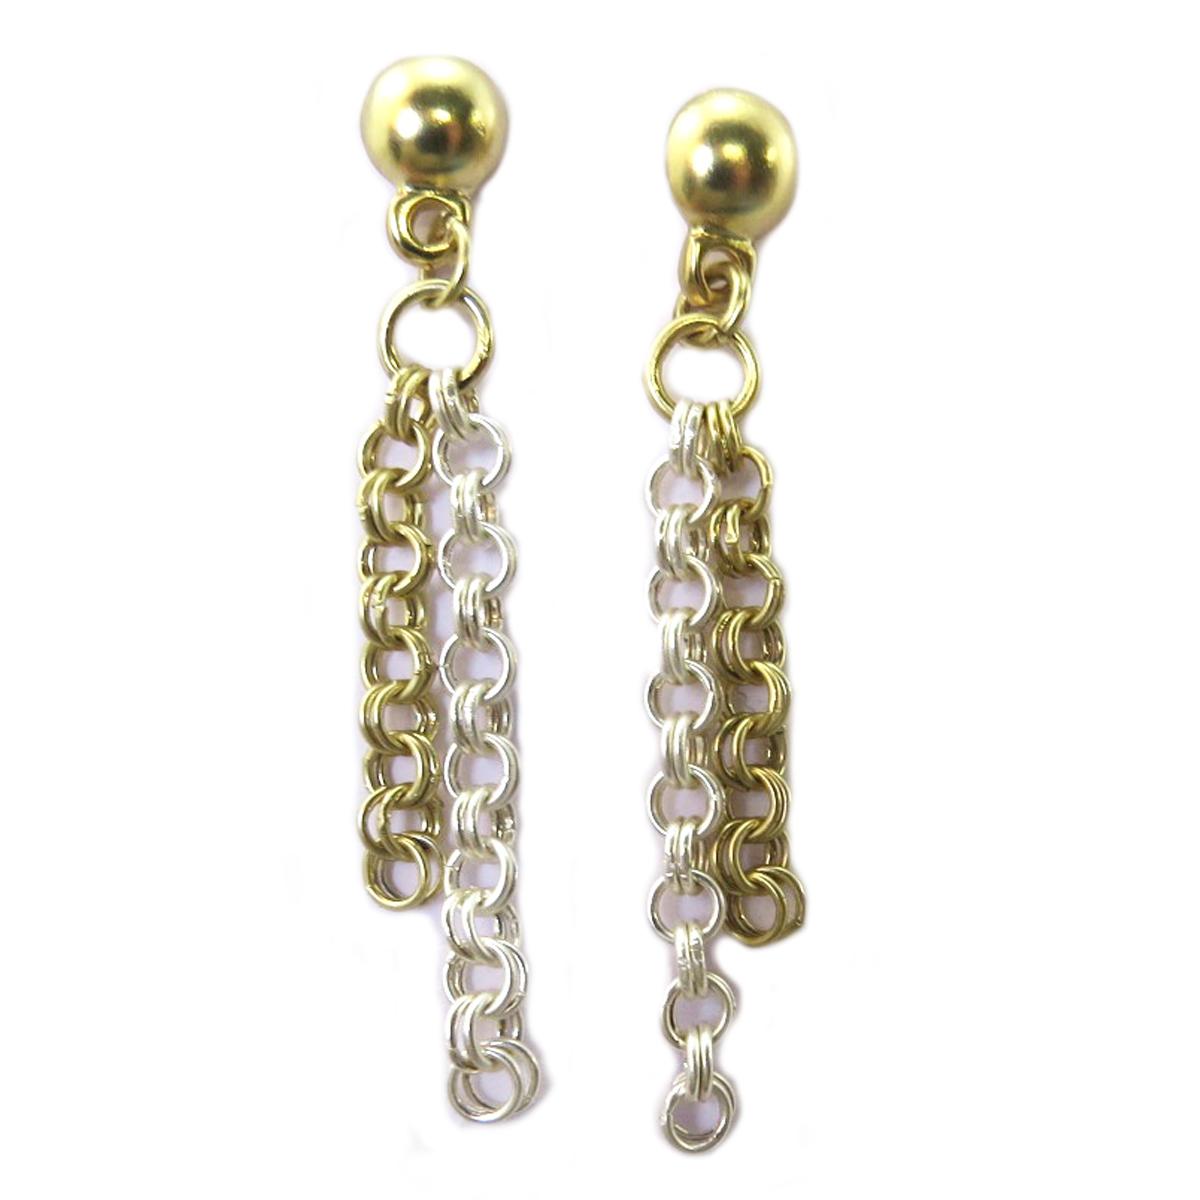 Boucles Créateur \'Antica\' doré argenté - 50x9 mm - [P9577]